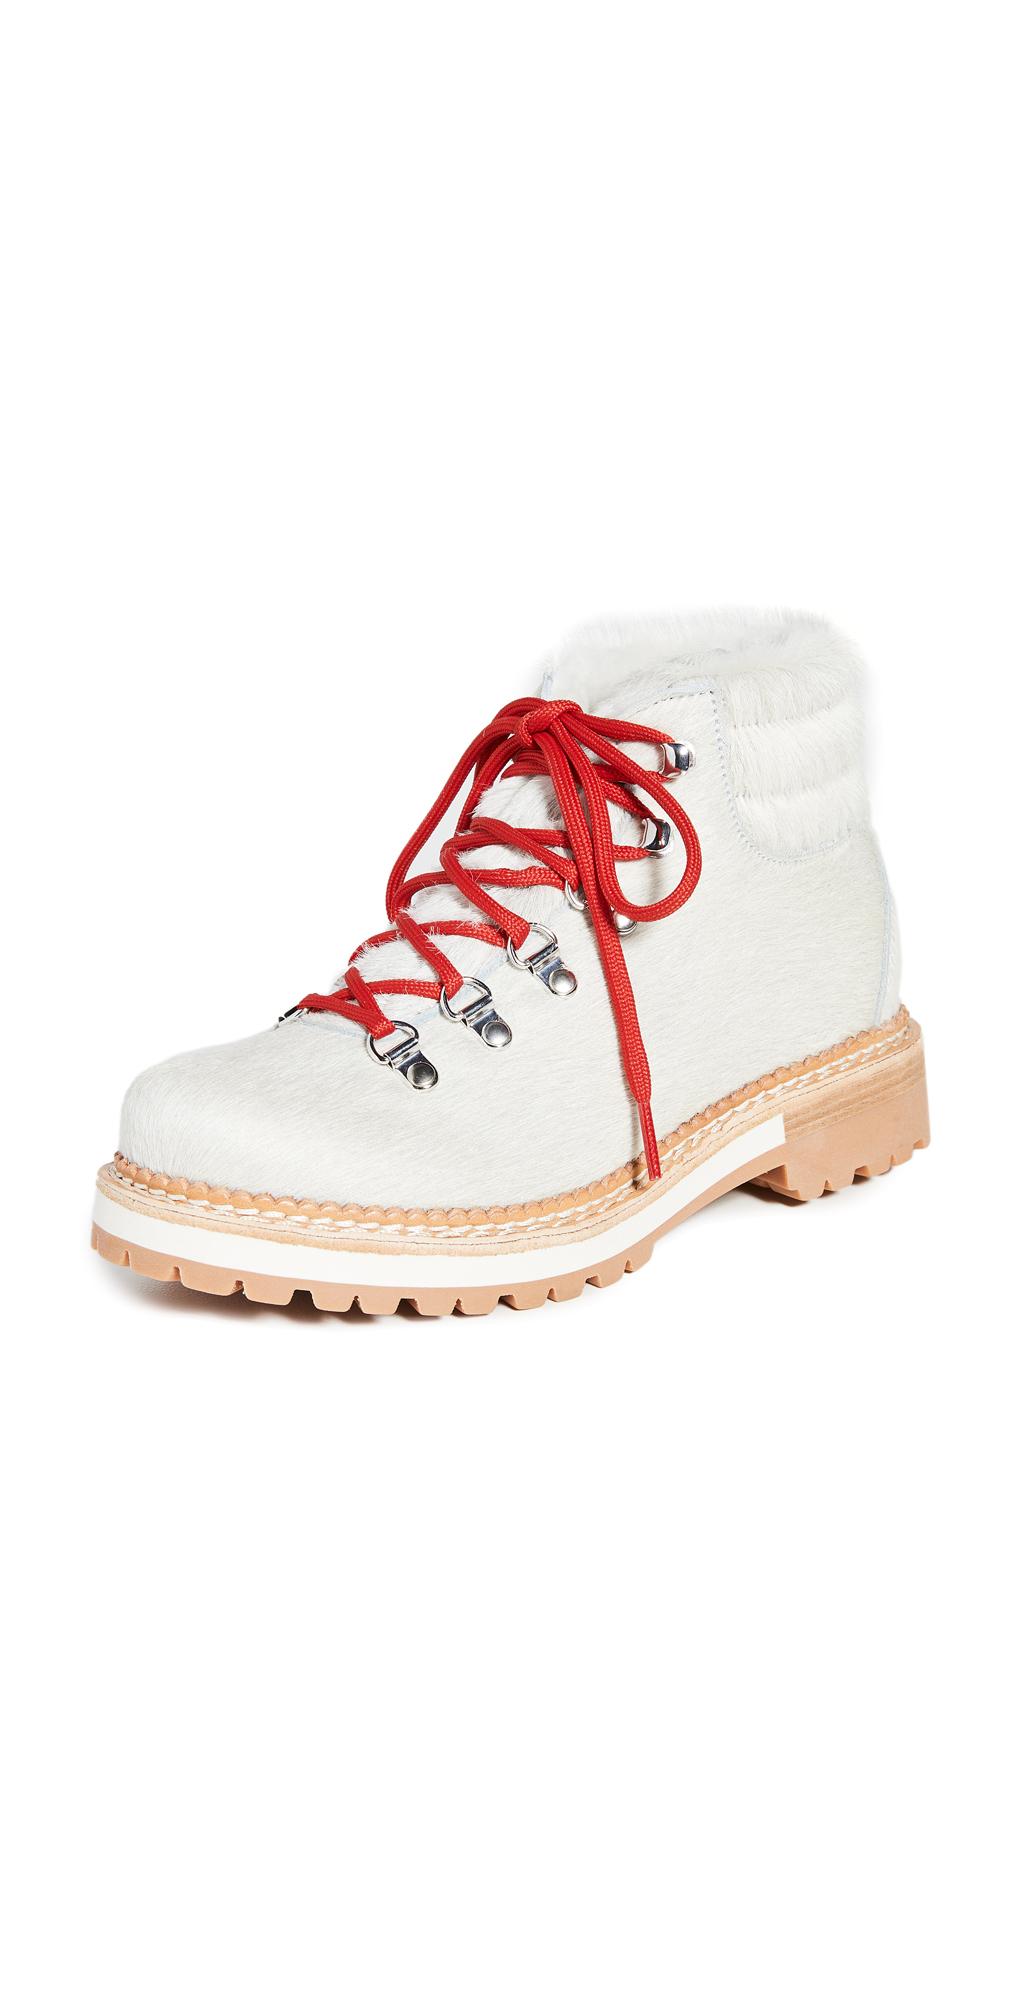 Marlena Boots